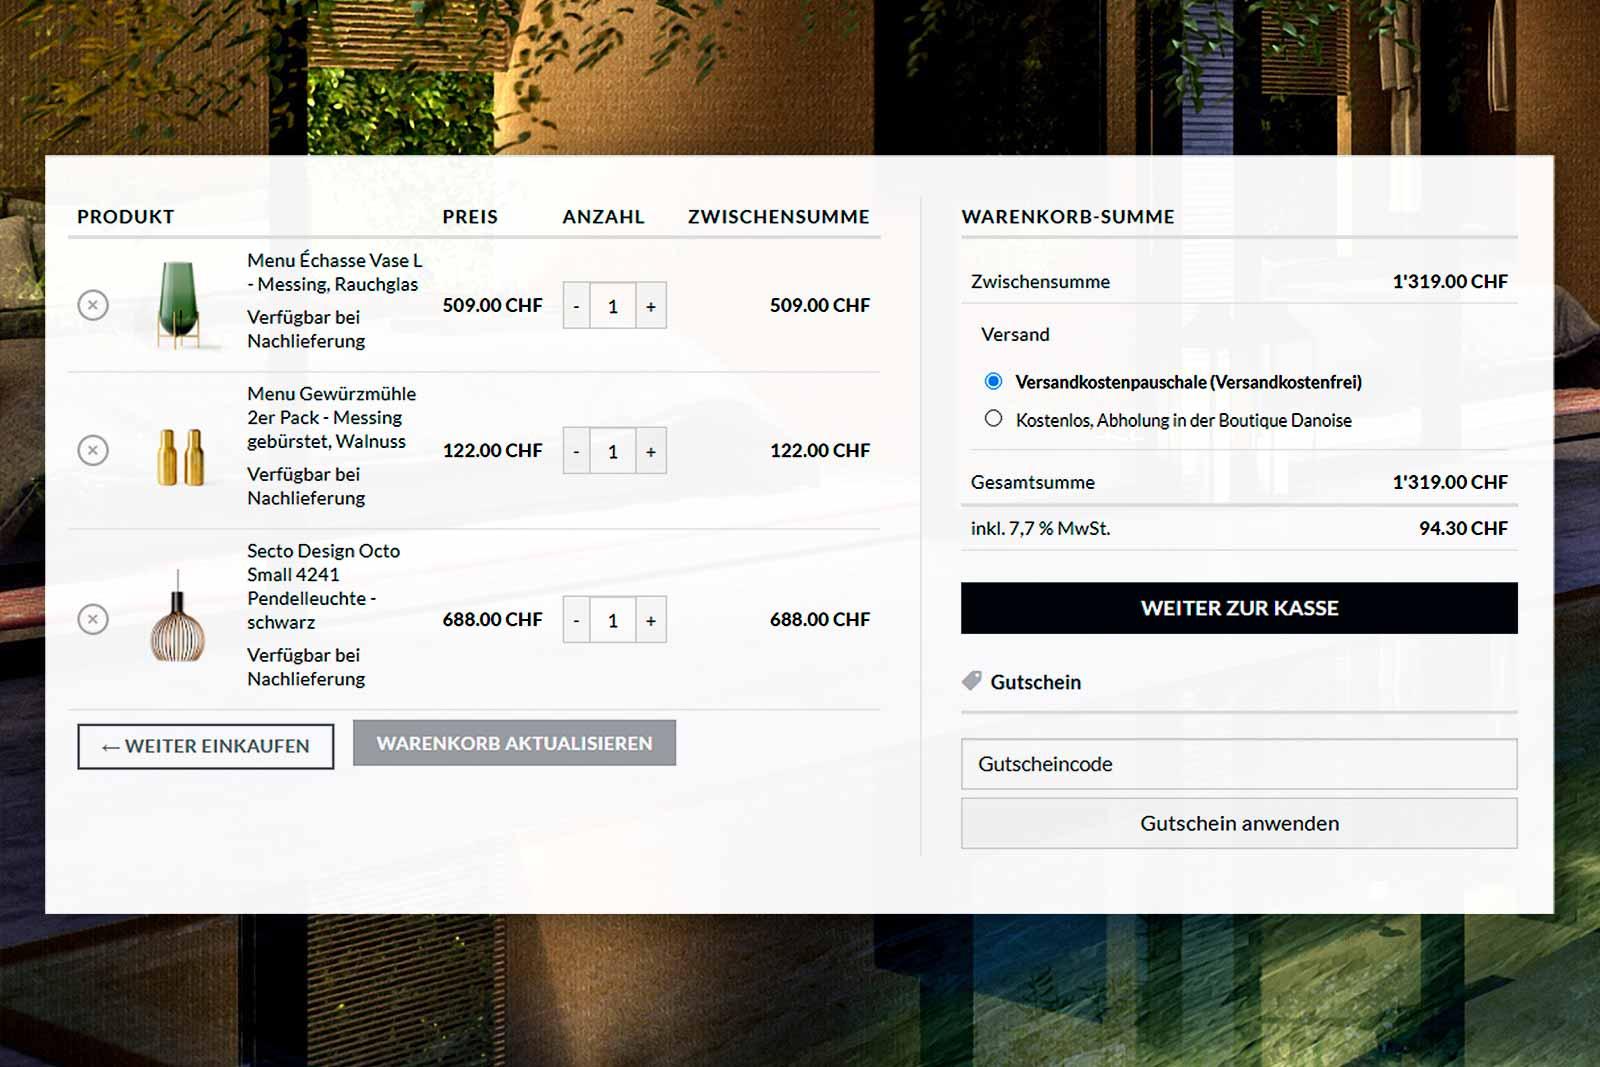 Webdesign Online-Shop E-Commerce Homepage Corporate Design Grafik Design Logo Brand Kreation Firmendrucksachen Briefschaften Schriftzug Fotografie Digitale Bildbearbeitung Photo-Composing Video-Erstellung Motion-Design Movie-Editing ShowMyProject Digital Agentur Basel 2021